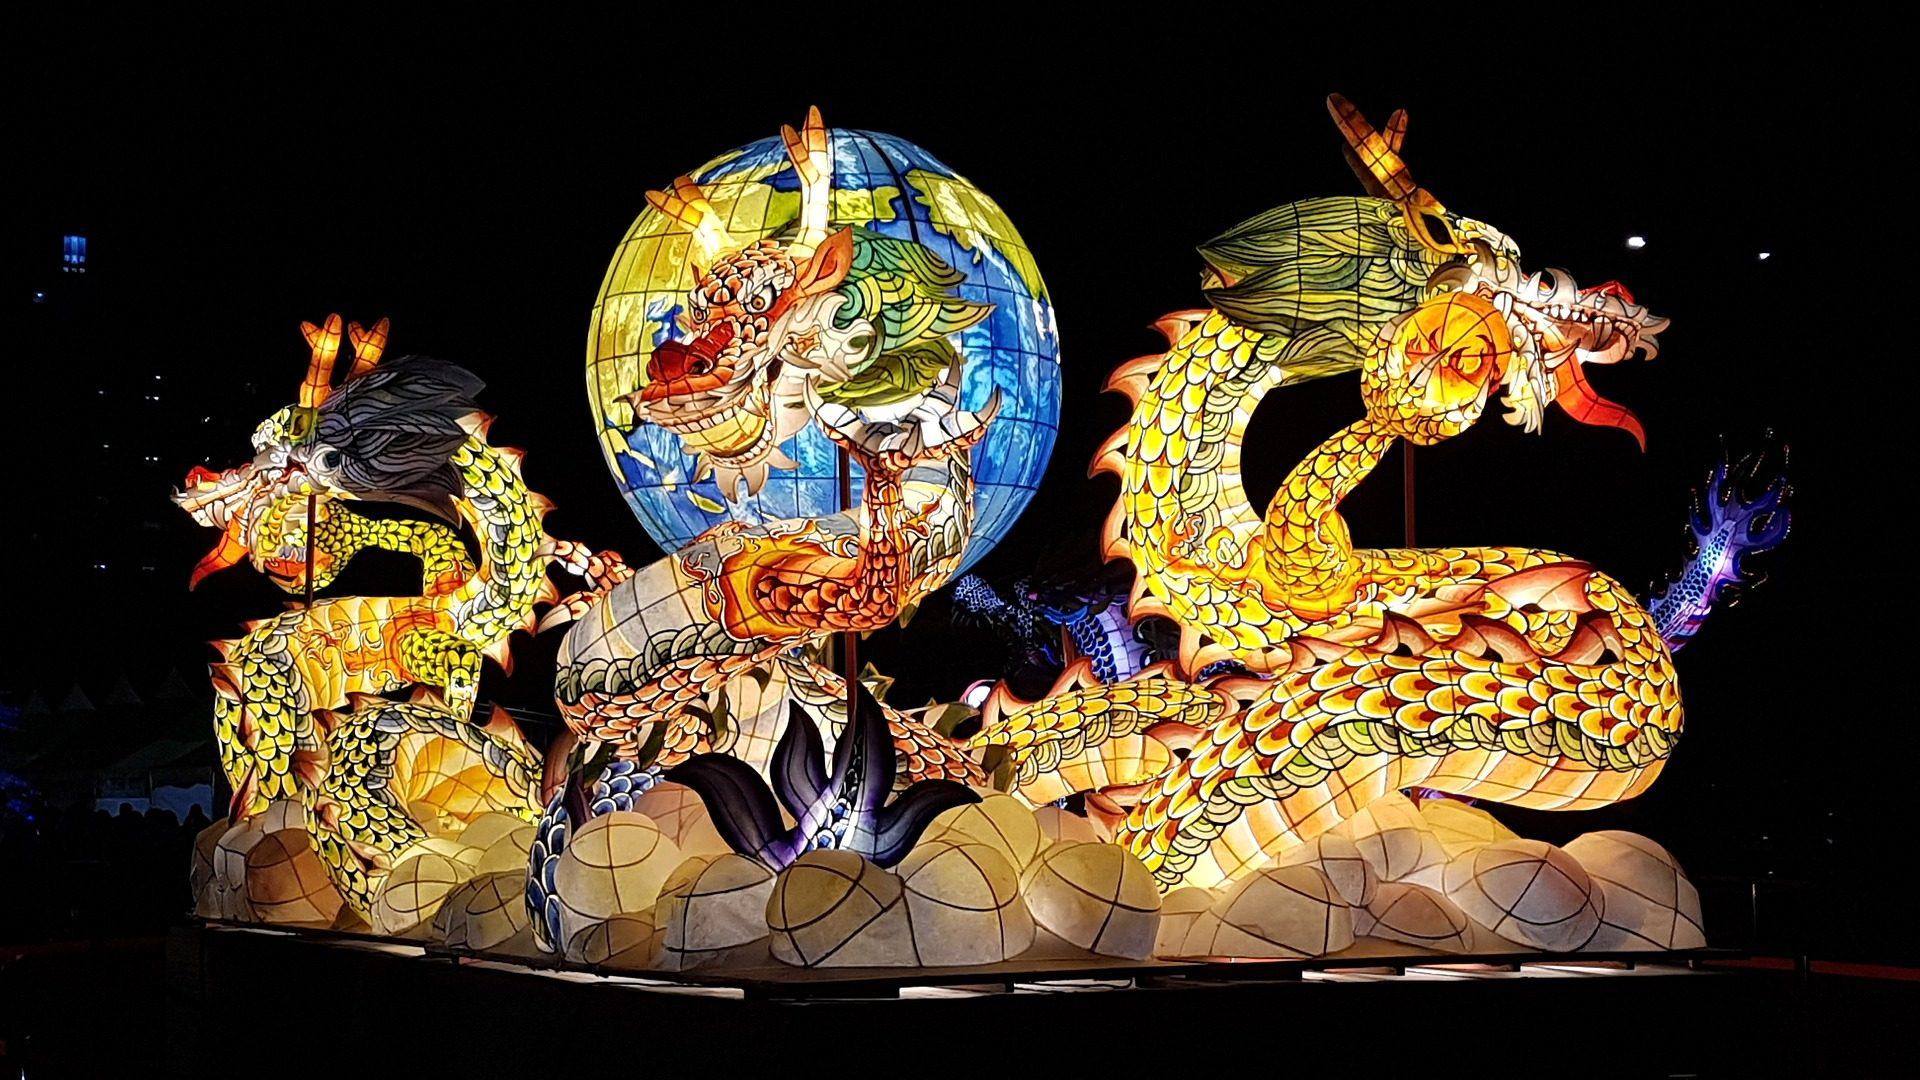 Dragões, lâmpada, colorido, luzes, à noite - Papéis de parede HD - Professor-falken.com